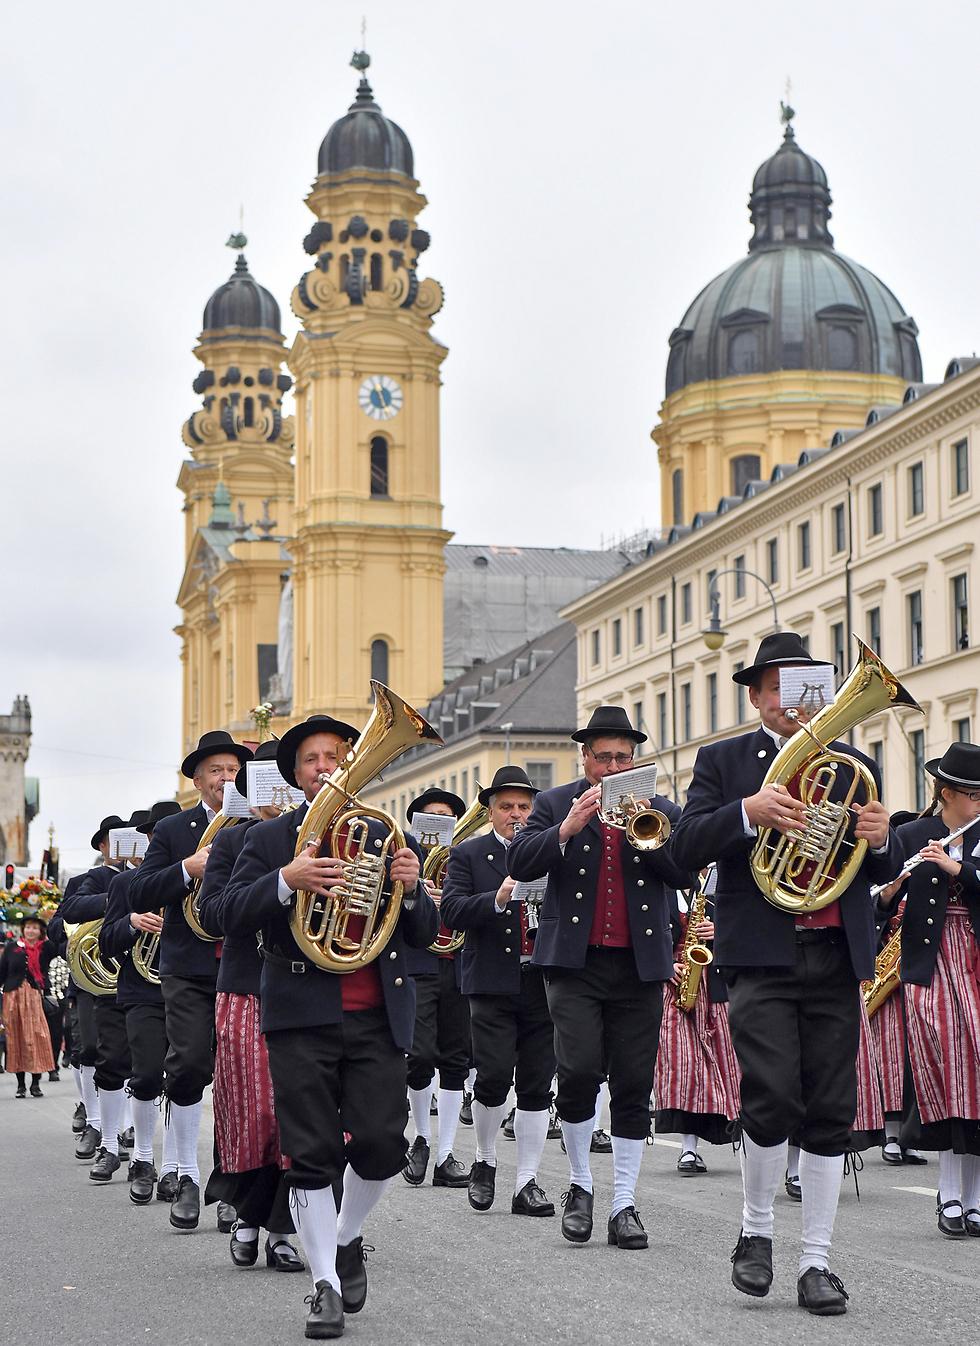 פסטיבל הבירה אוקטוברפסט במינכן, גרמניה (צילום: gettyimages)